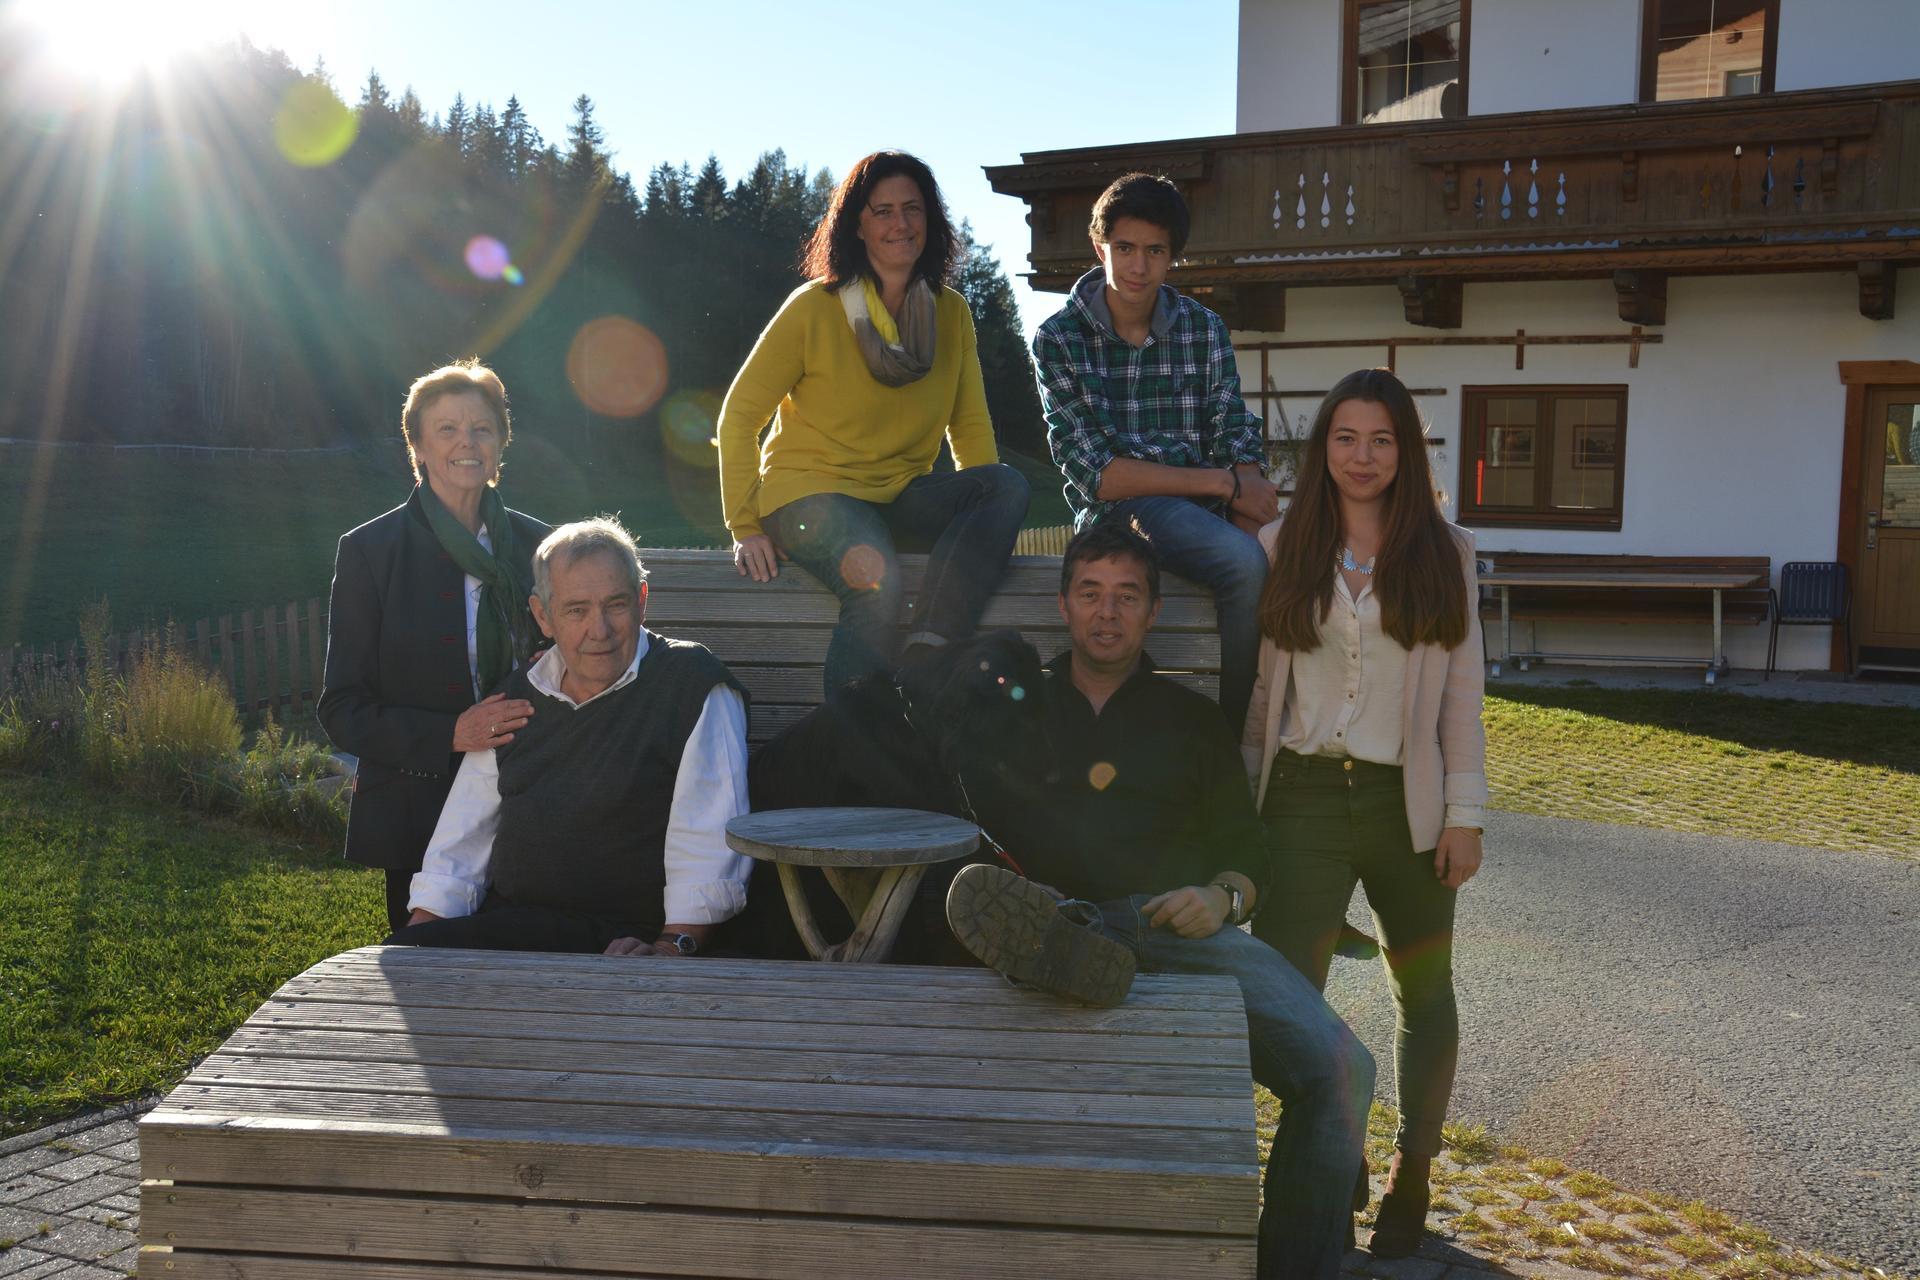 Wir würden uns freuen, Sie bei uns am Hagenhof begrüßen zu dürfen!